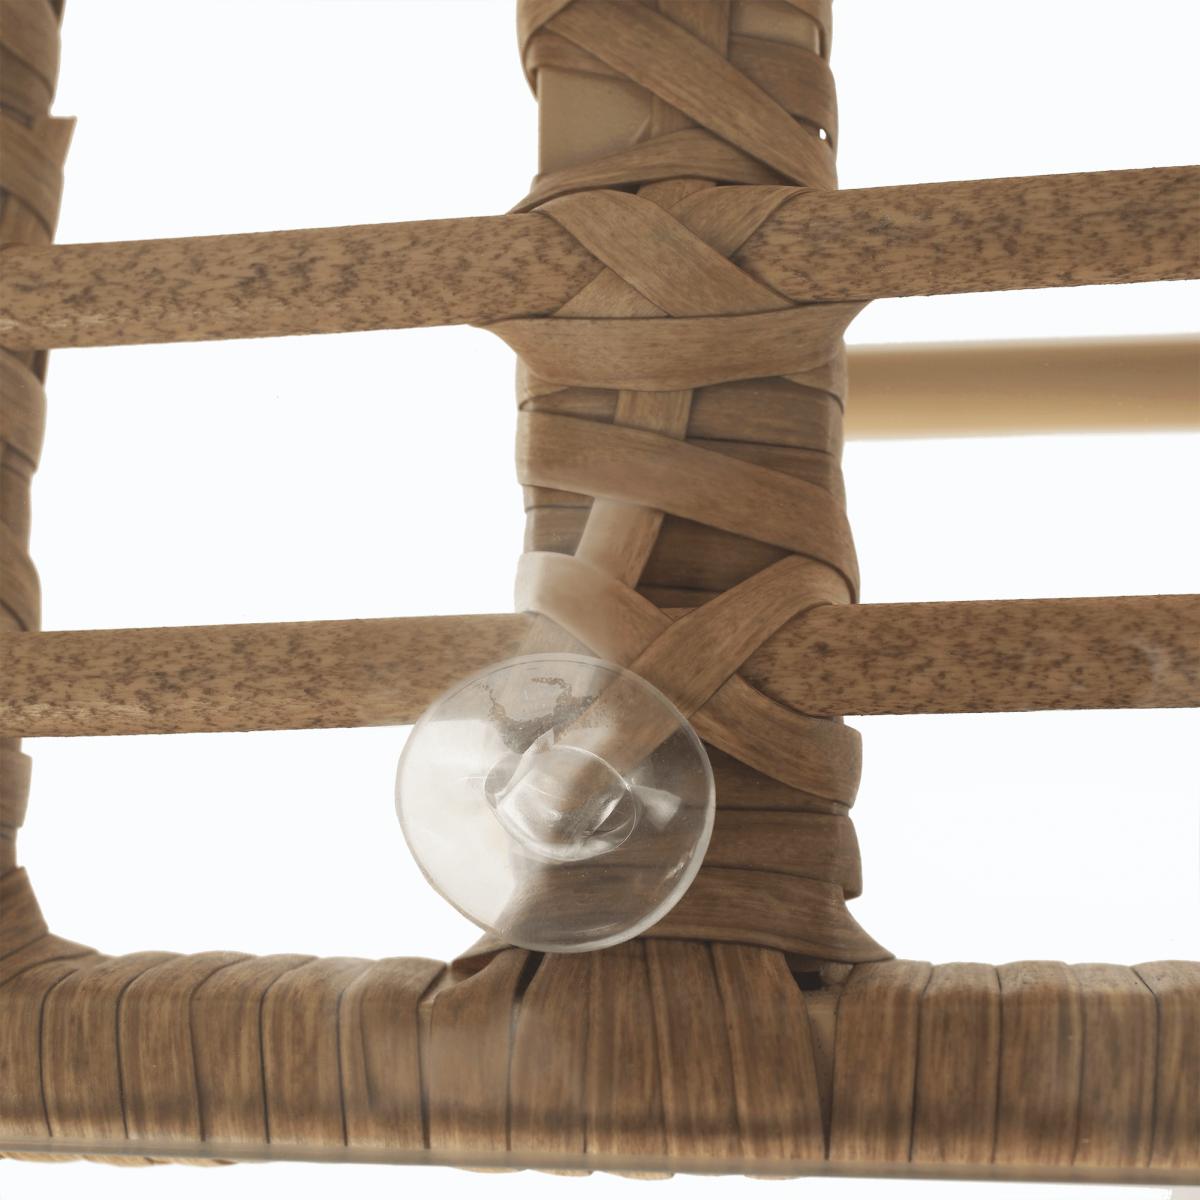 Kerti 4 darabos rattan szett, természetes/szürke, TAJRO